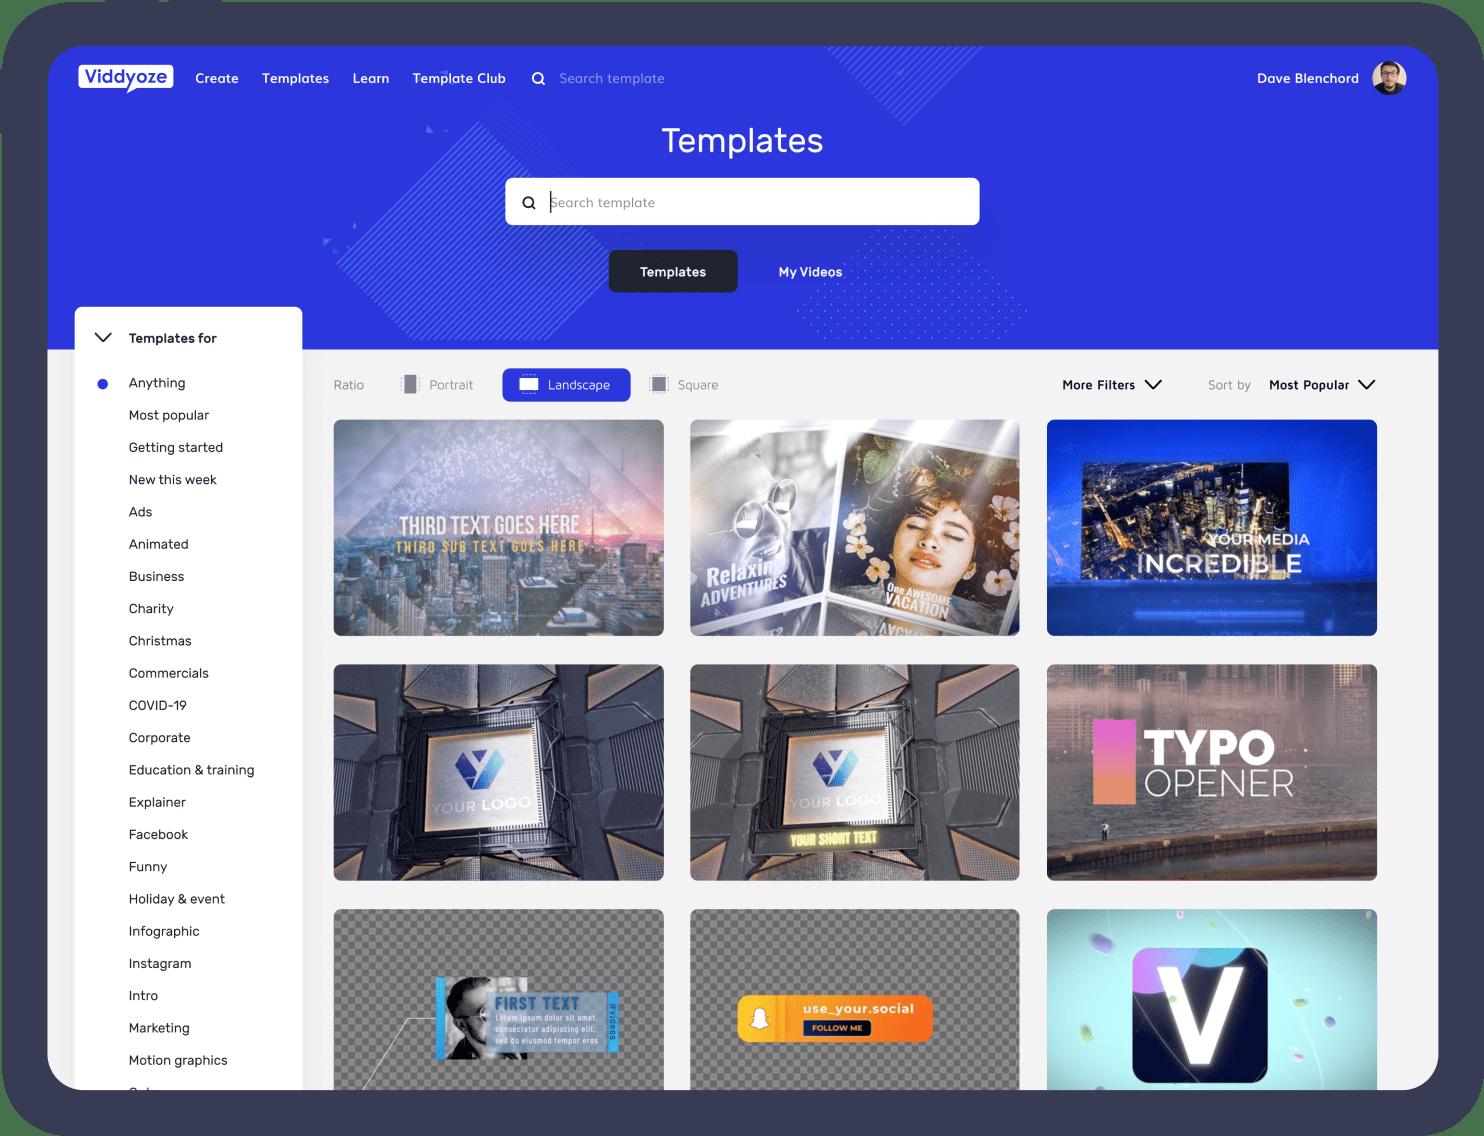 Viddyoze templates